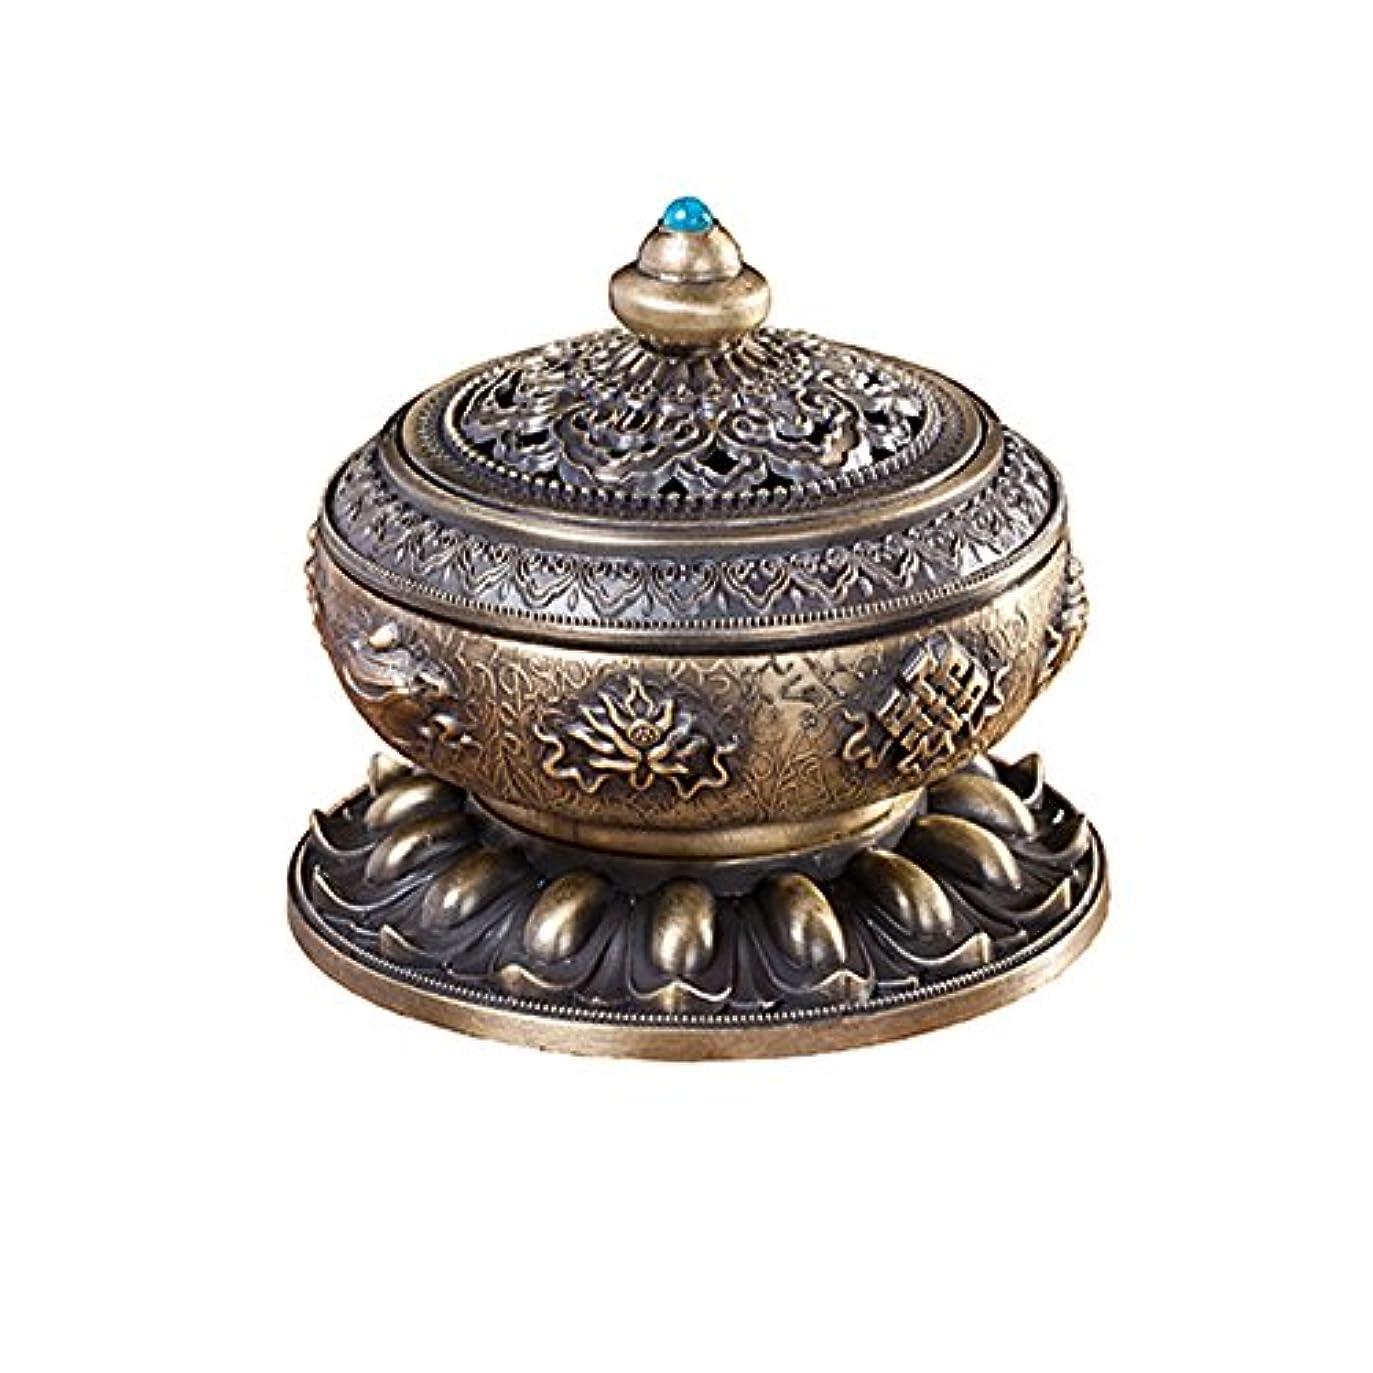 プラカード宿泊喉が渇いたBUYSEEY 家用 アロマ香炉 青銅 ブロンズ 丸香炉 お香立て 渦巻き線香 などに 香立て付き (S)